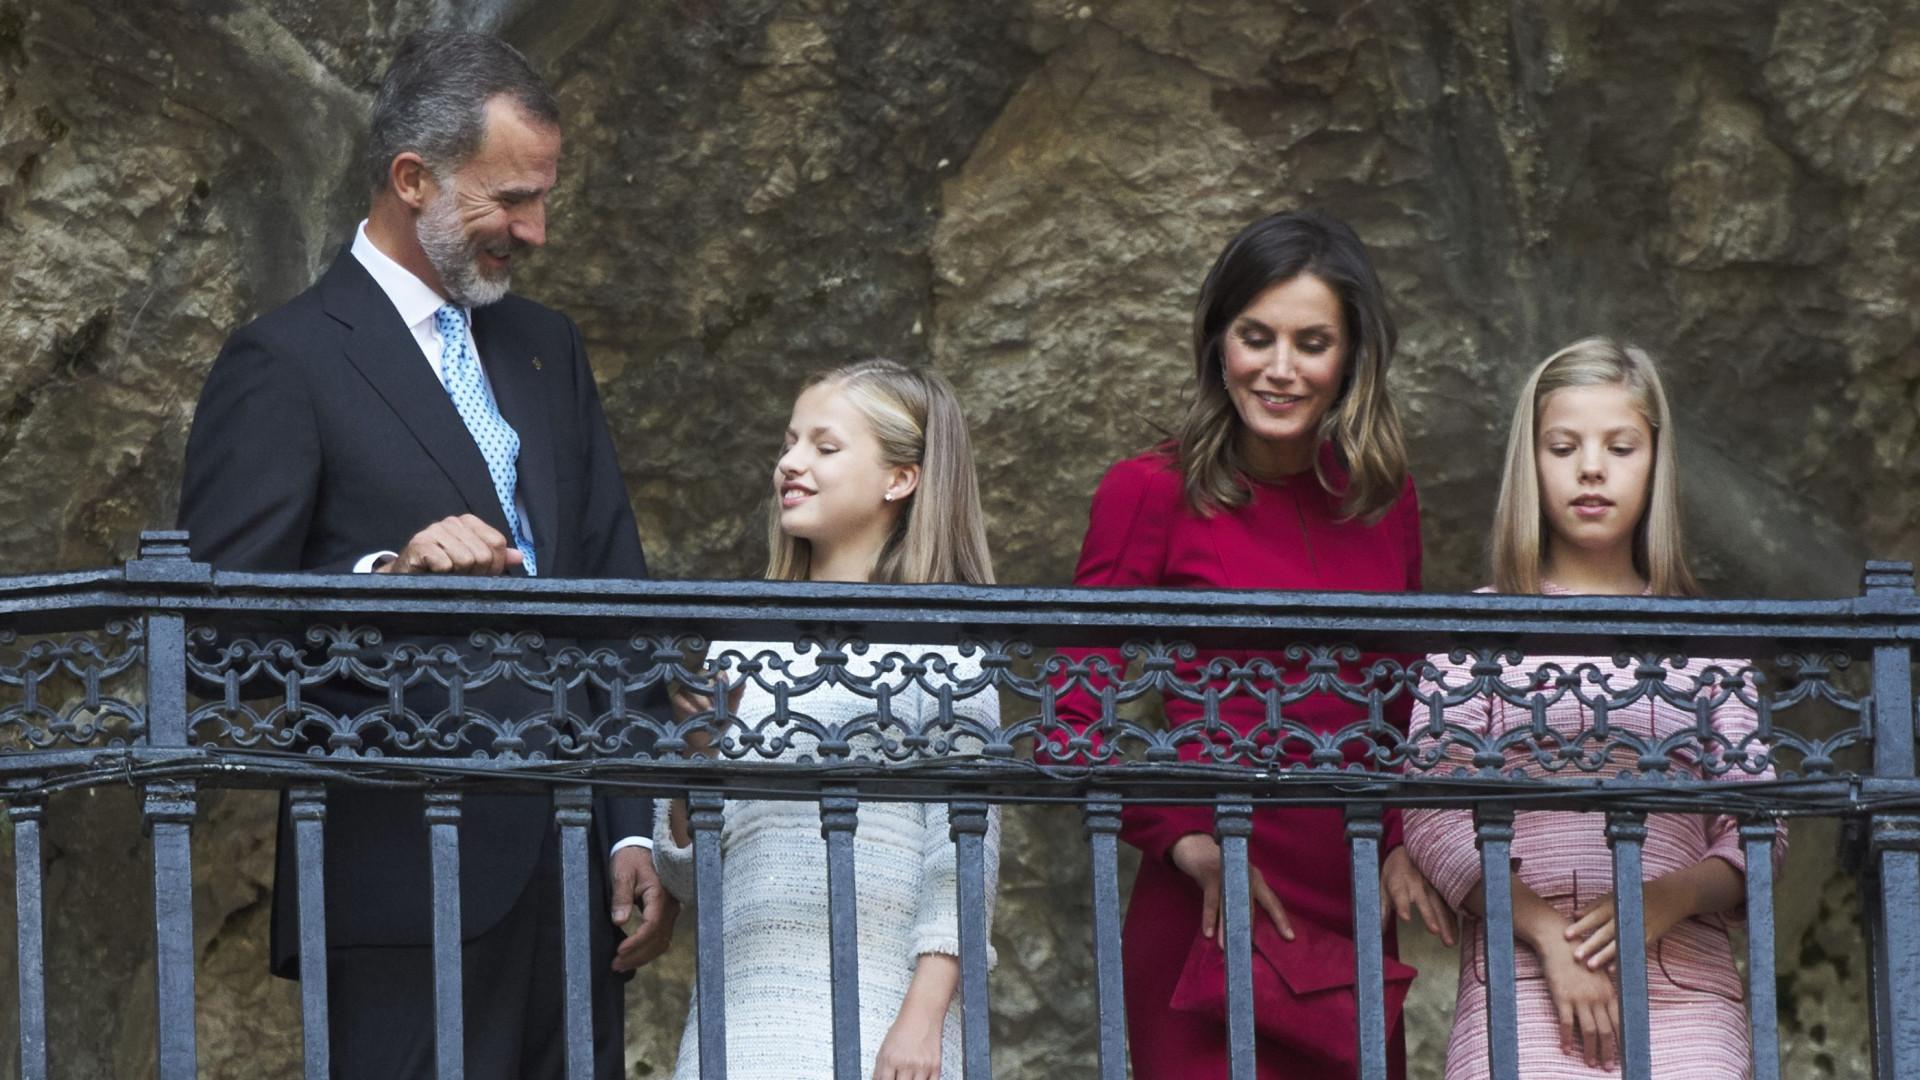 Letizia e Felipe VI acompanham filhas no primeiro dia de aulas